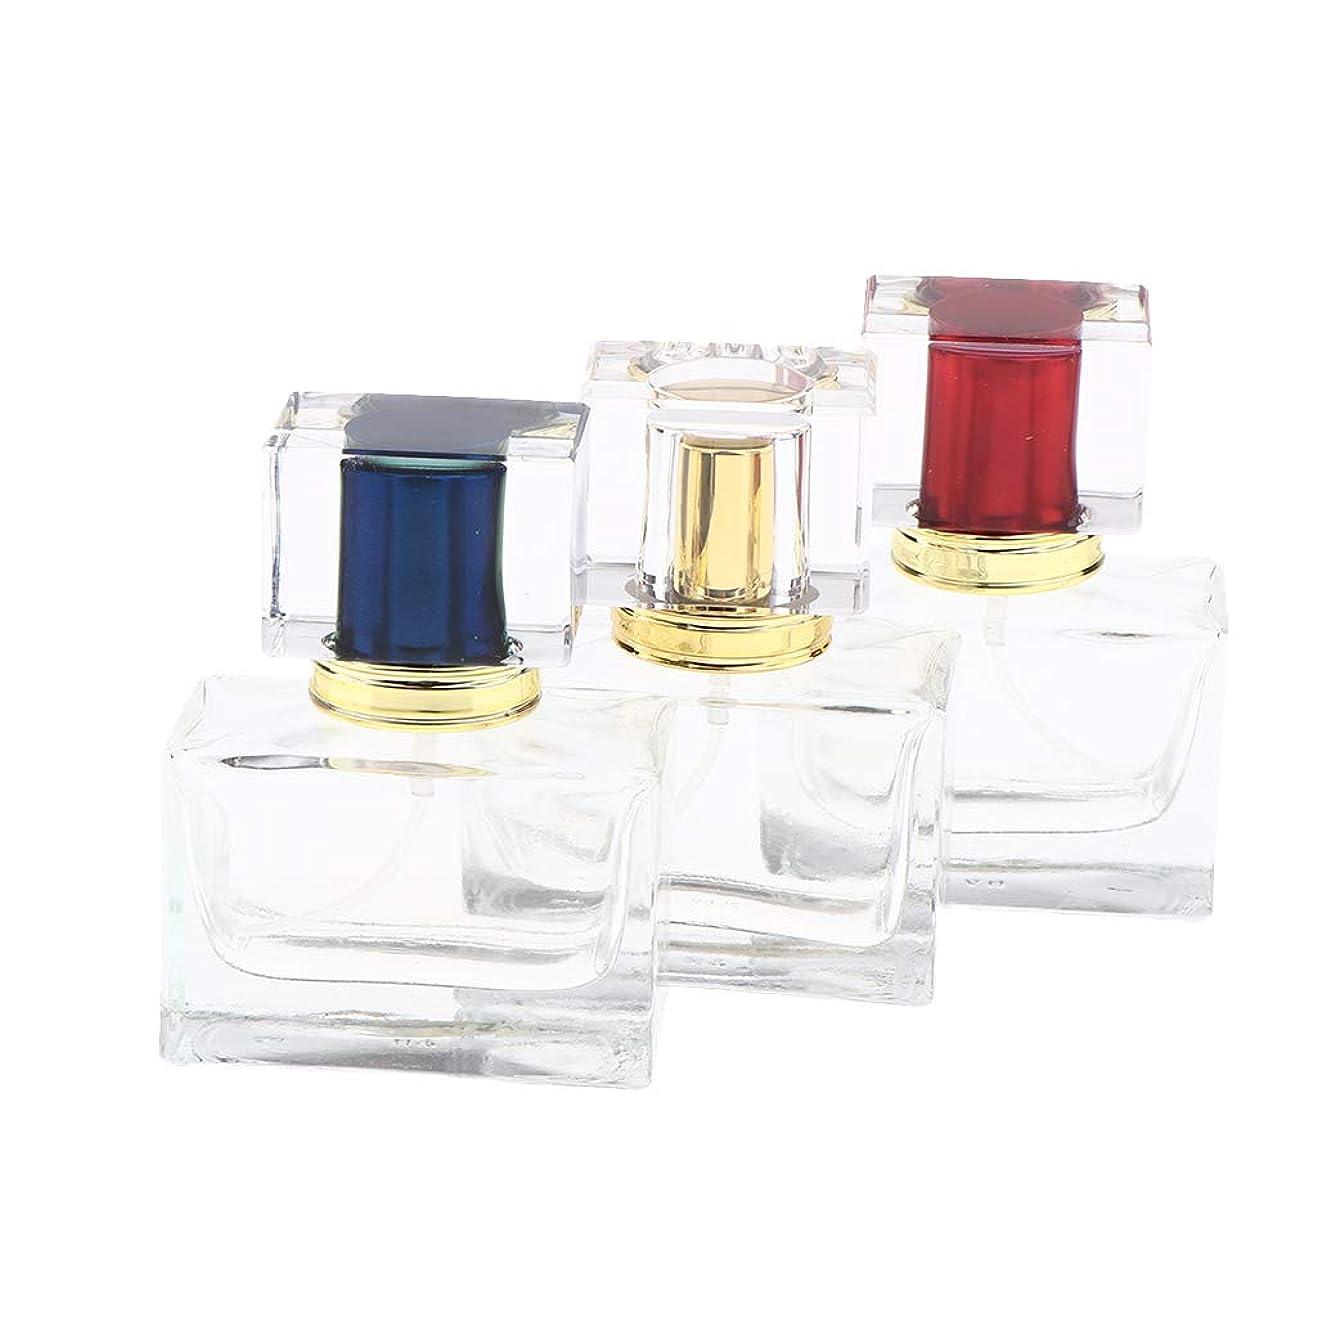 シエスタテレックス囚人DYNWAVE 香水アトマイザー スプレーボトル 詰め替え容器 香水瓶 小型 旅行 持ち運び ロック可能 30ML